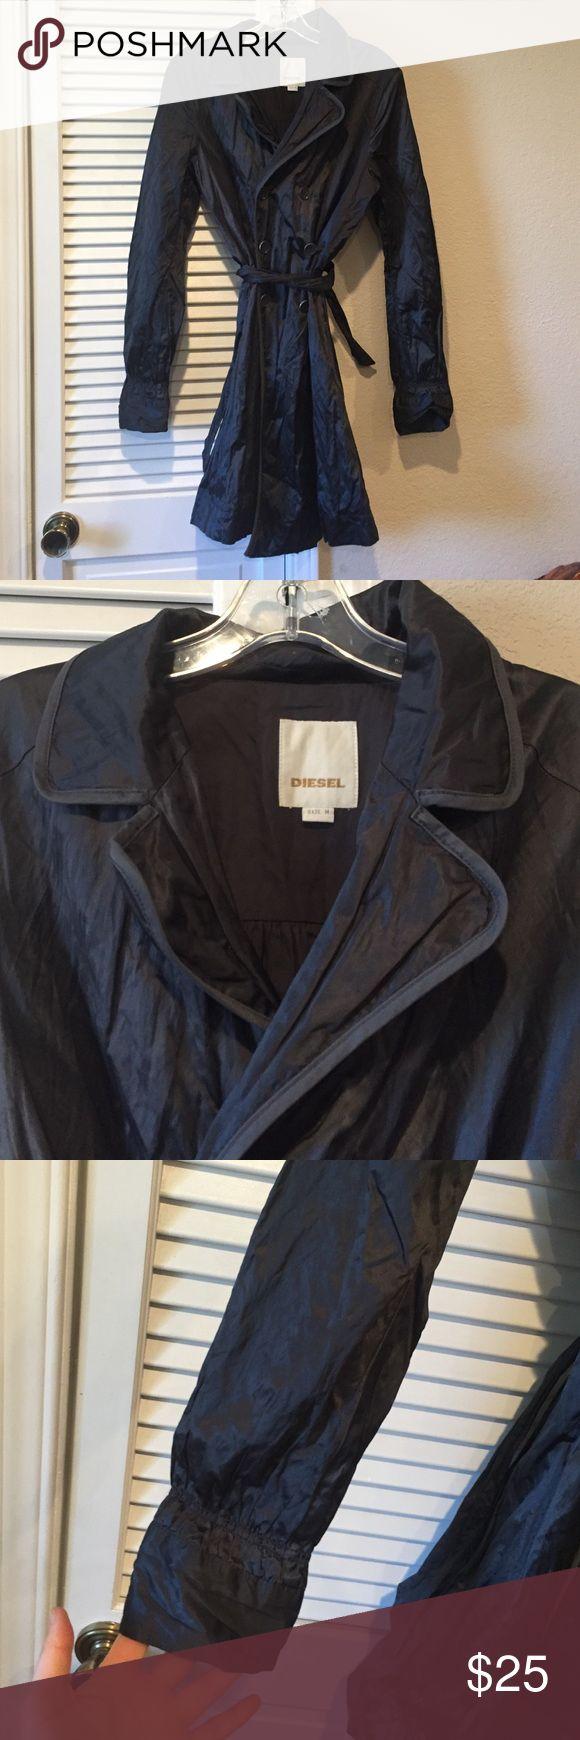 Diesel coat Off-black wrinkly coat Diesel Jackets & Coats